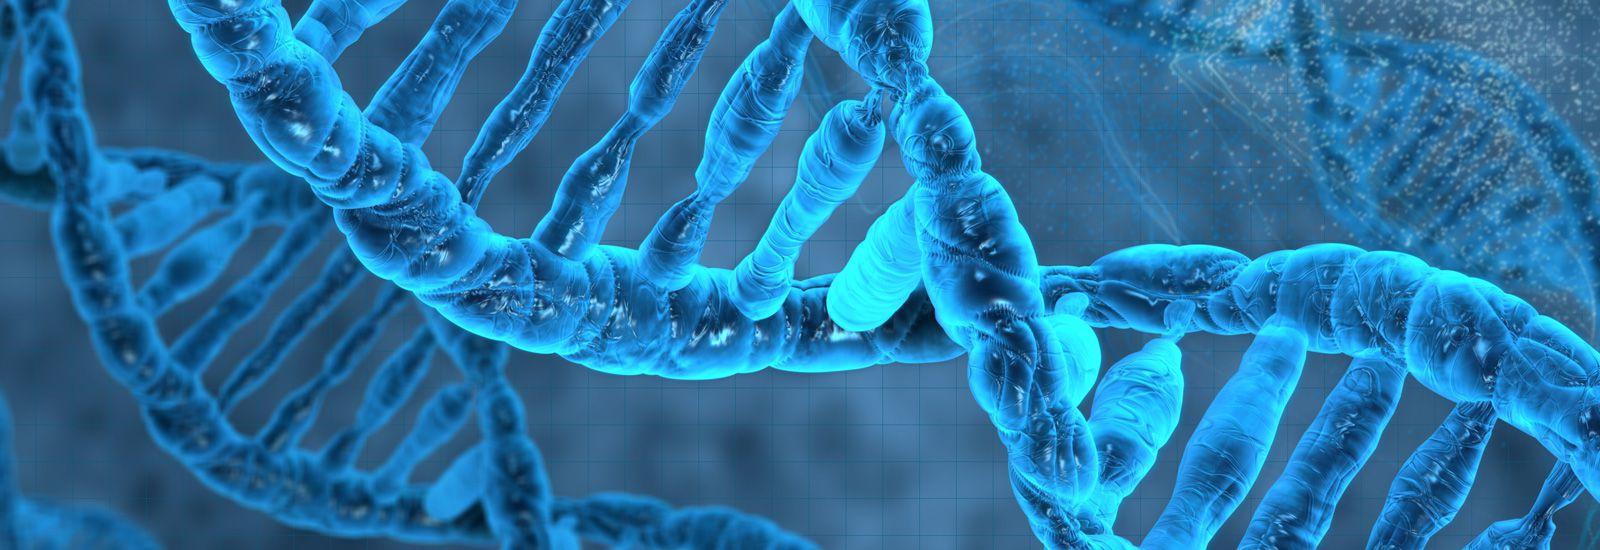 برهان الكيمياء الحيوية - تعقيد الآلات الجزيئية 3 - لي ستروبل